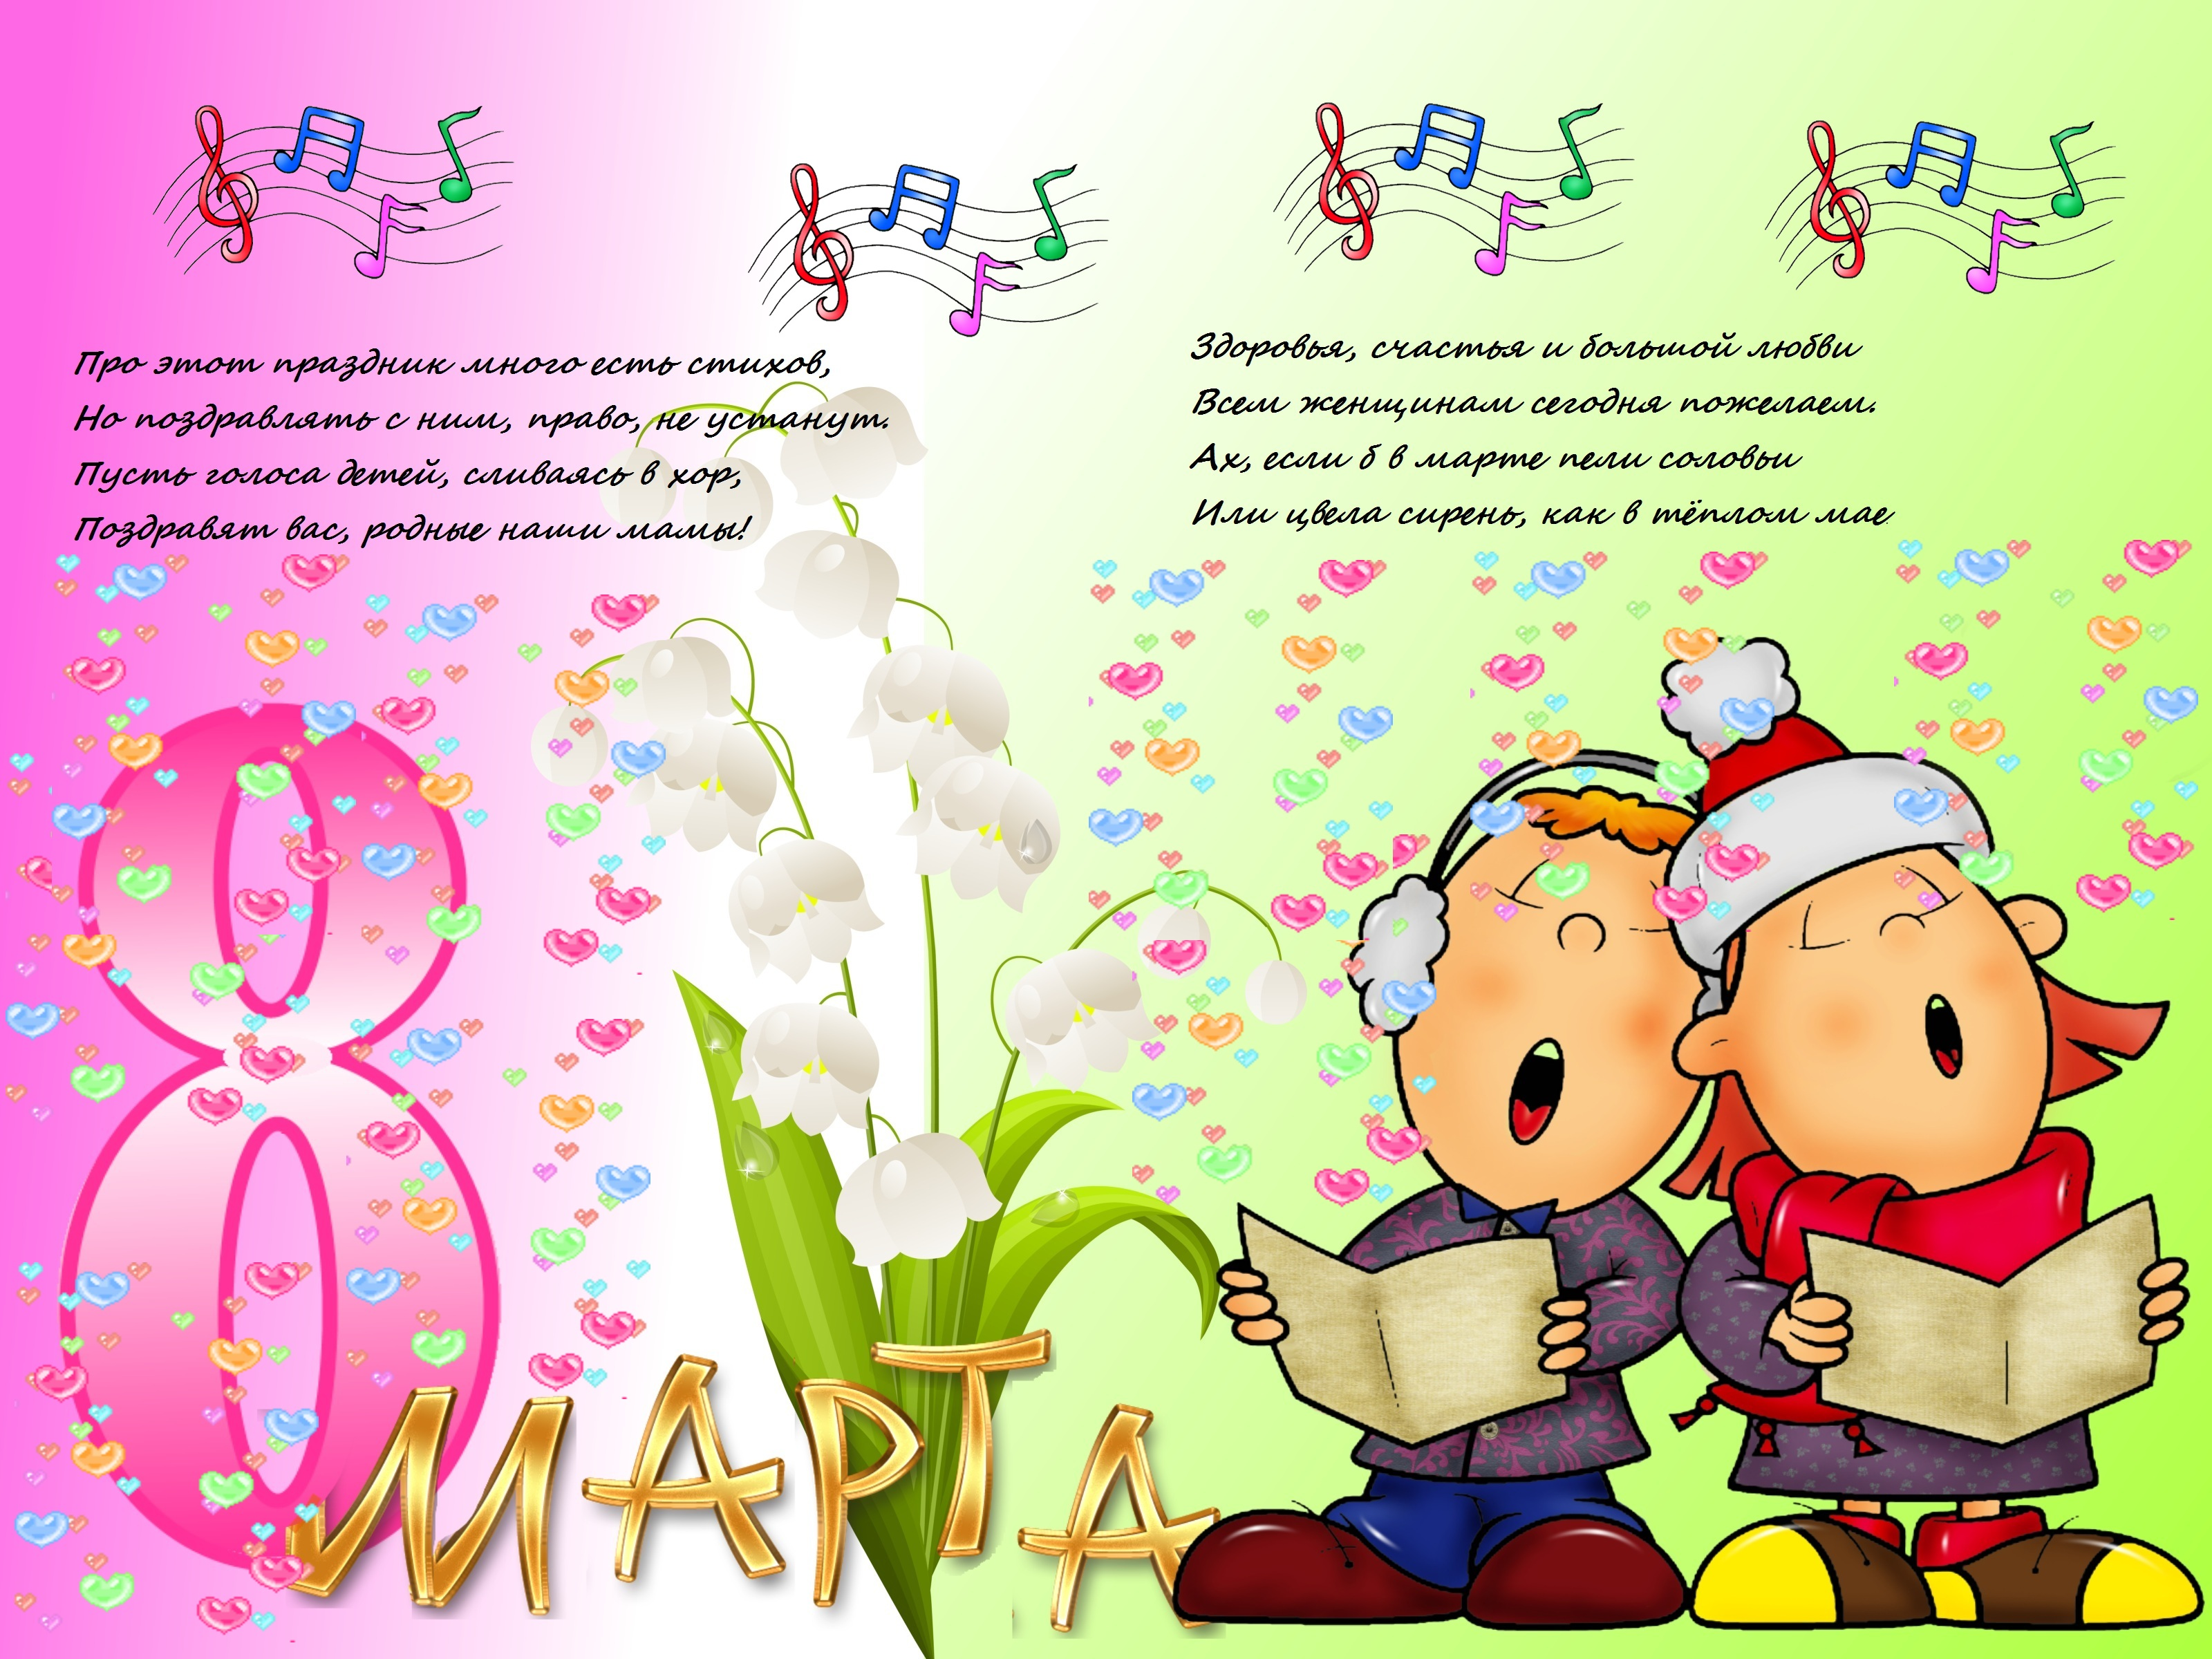 Музык поздравление для дочки